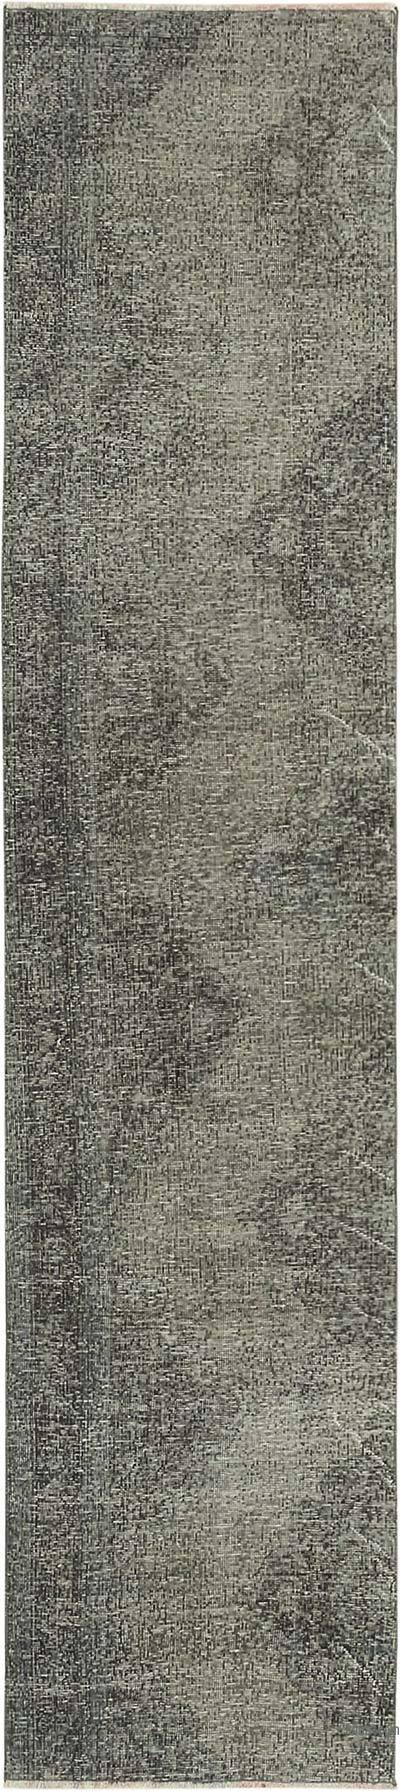 Gri Boyalı El Dokuma Vintage Halı Yolluk - 74 cm x 336 cm